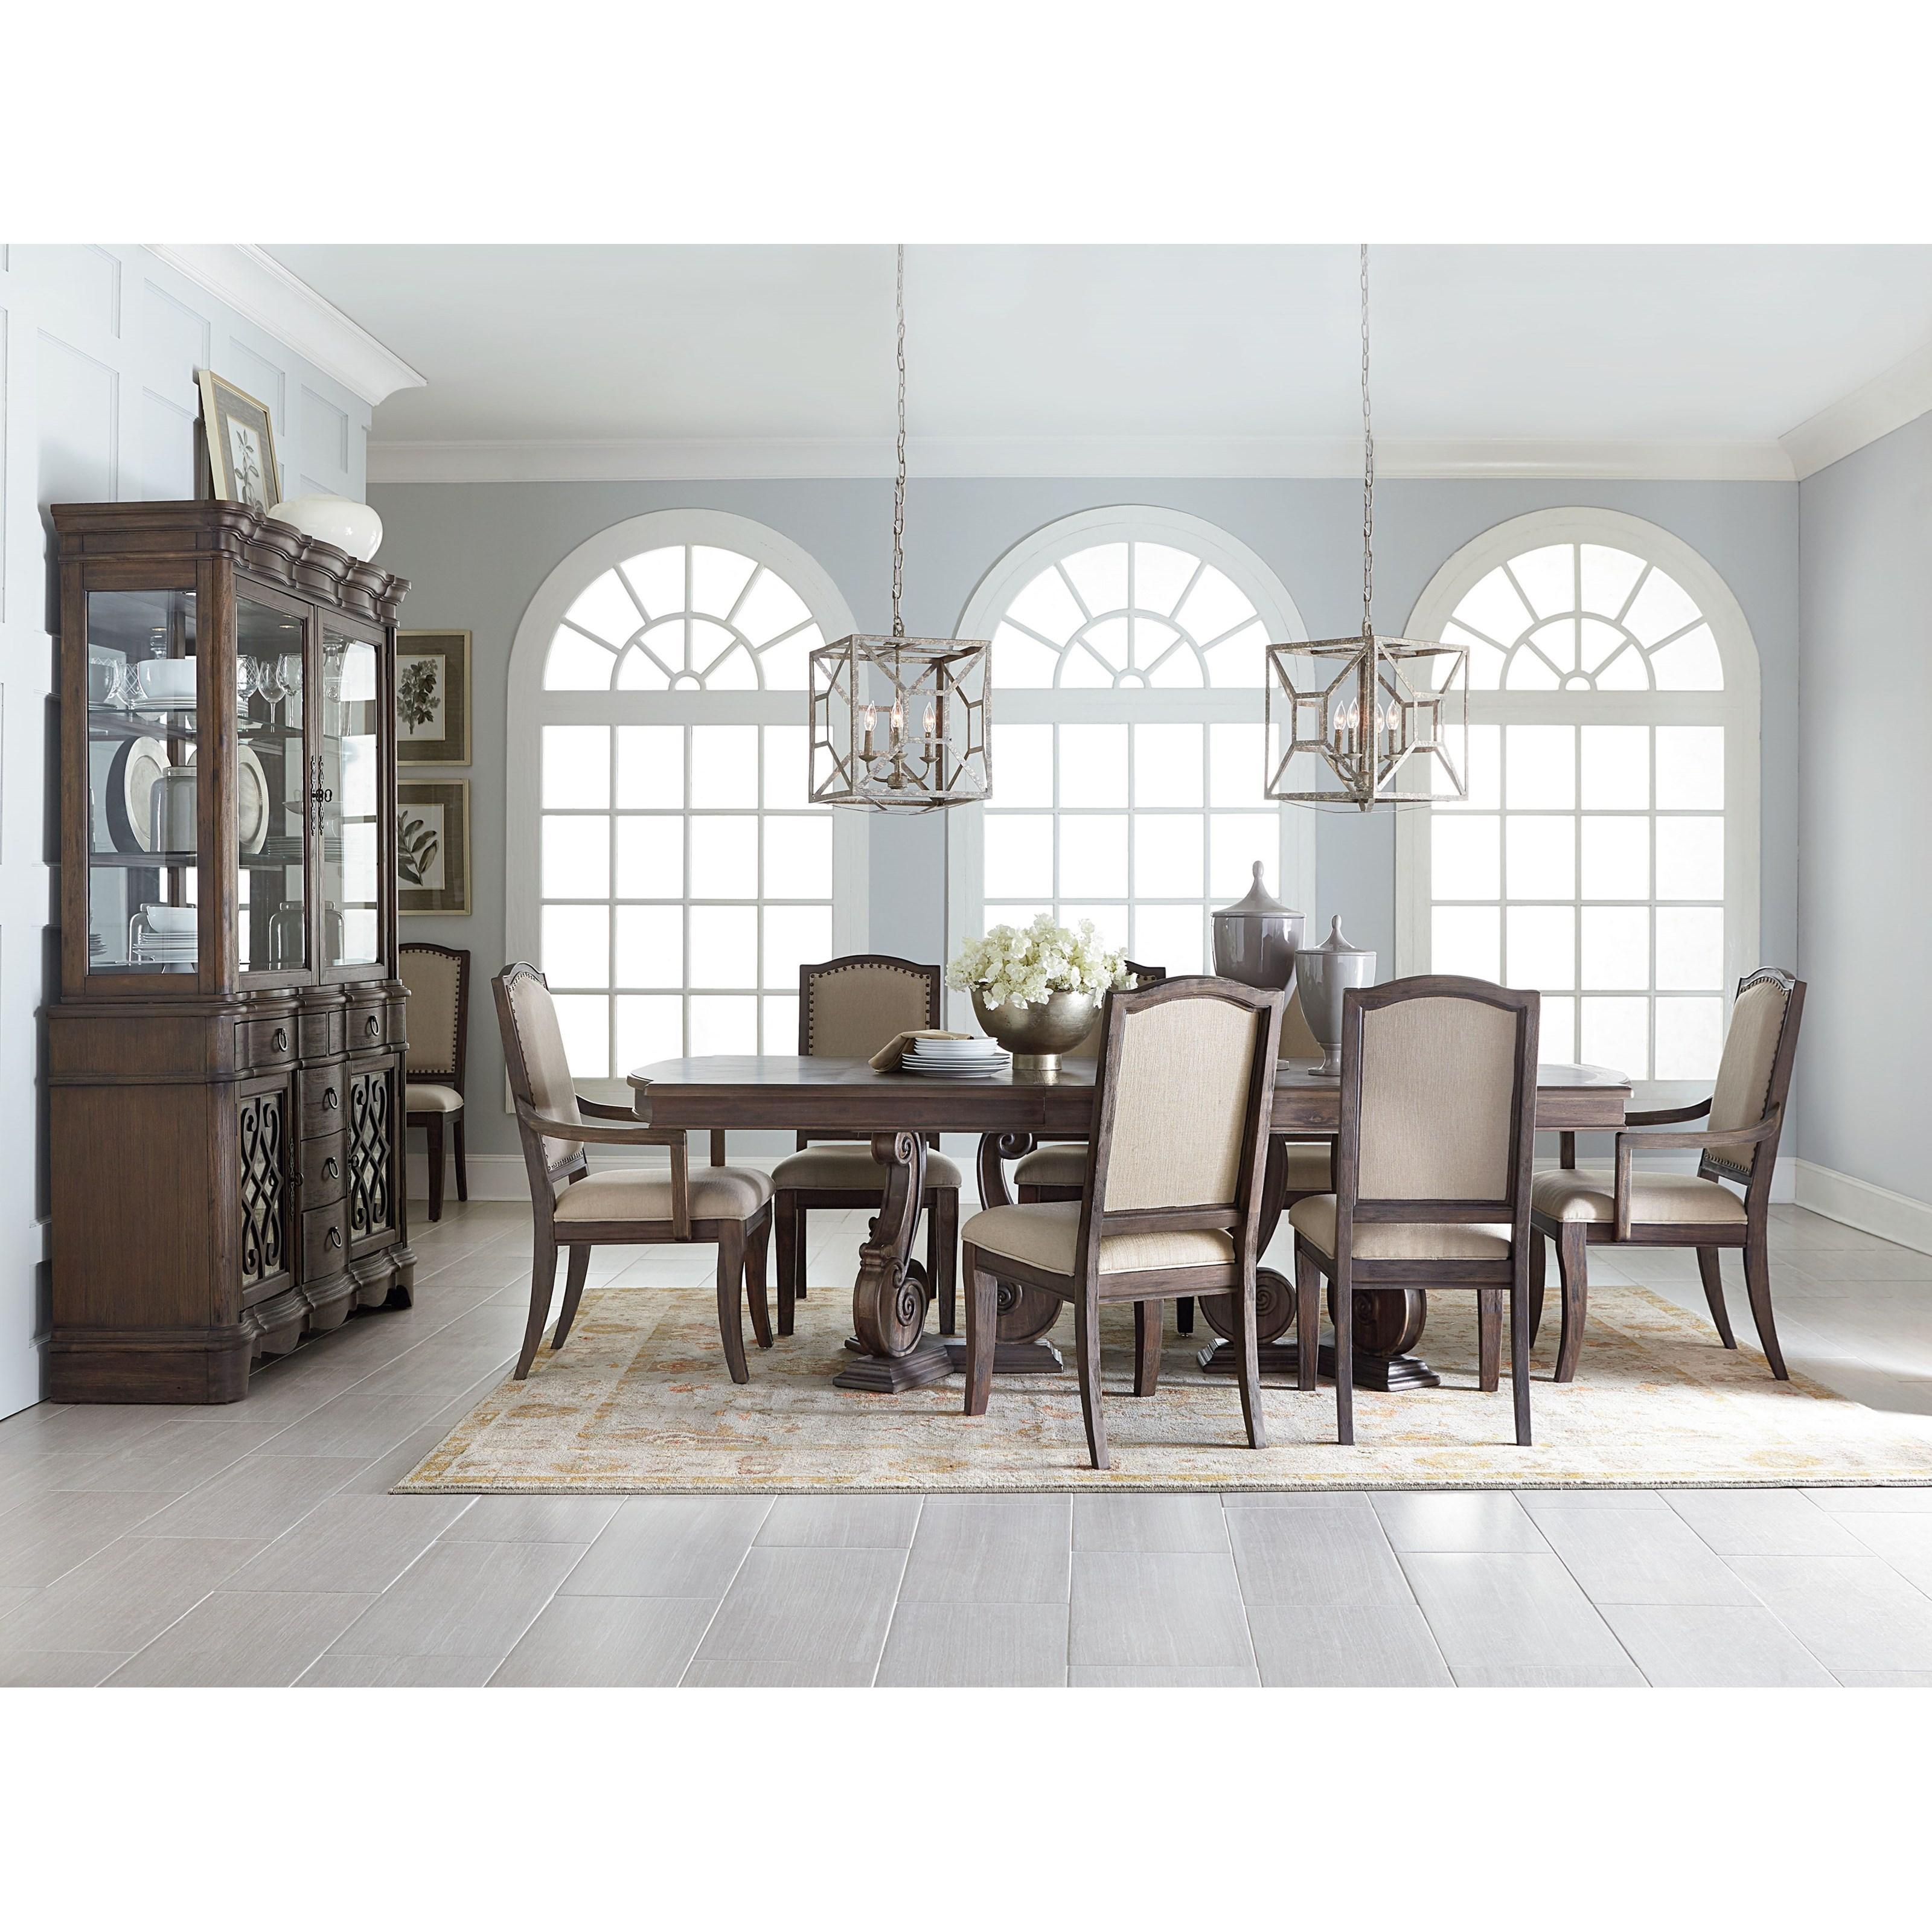 standard furniture parliament formal dining room group olinde 39 s furniture formal dining room. Black Bedroom Furniture Sets. Home Design Ideas